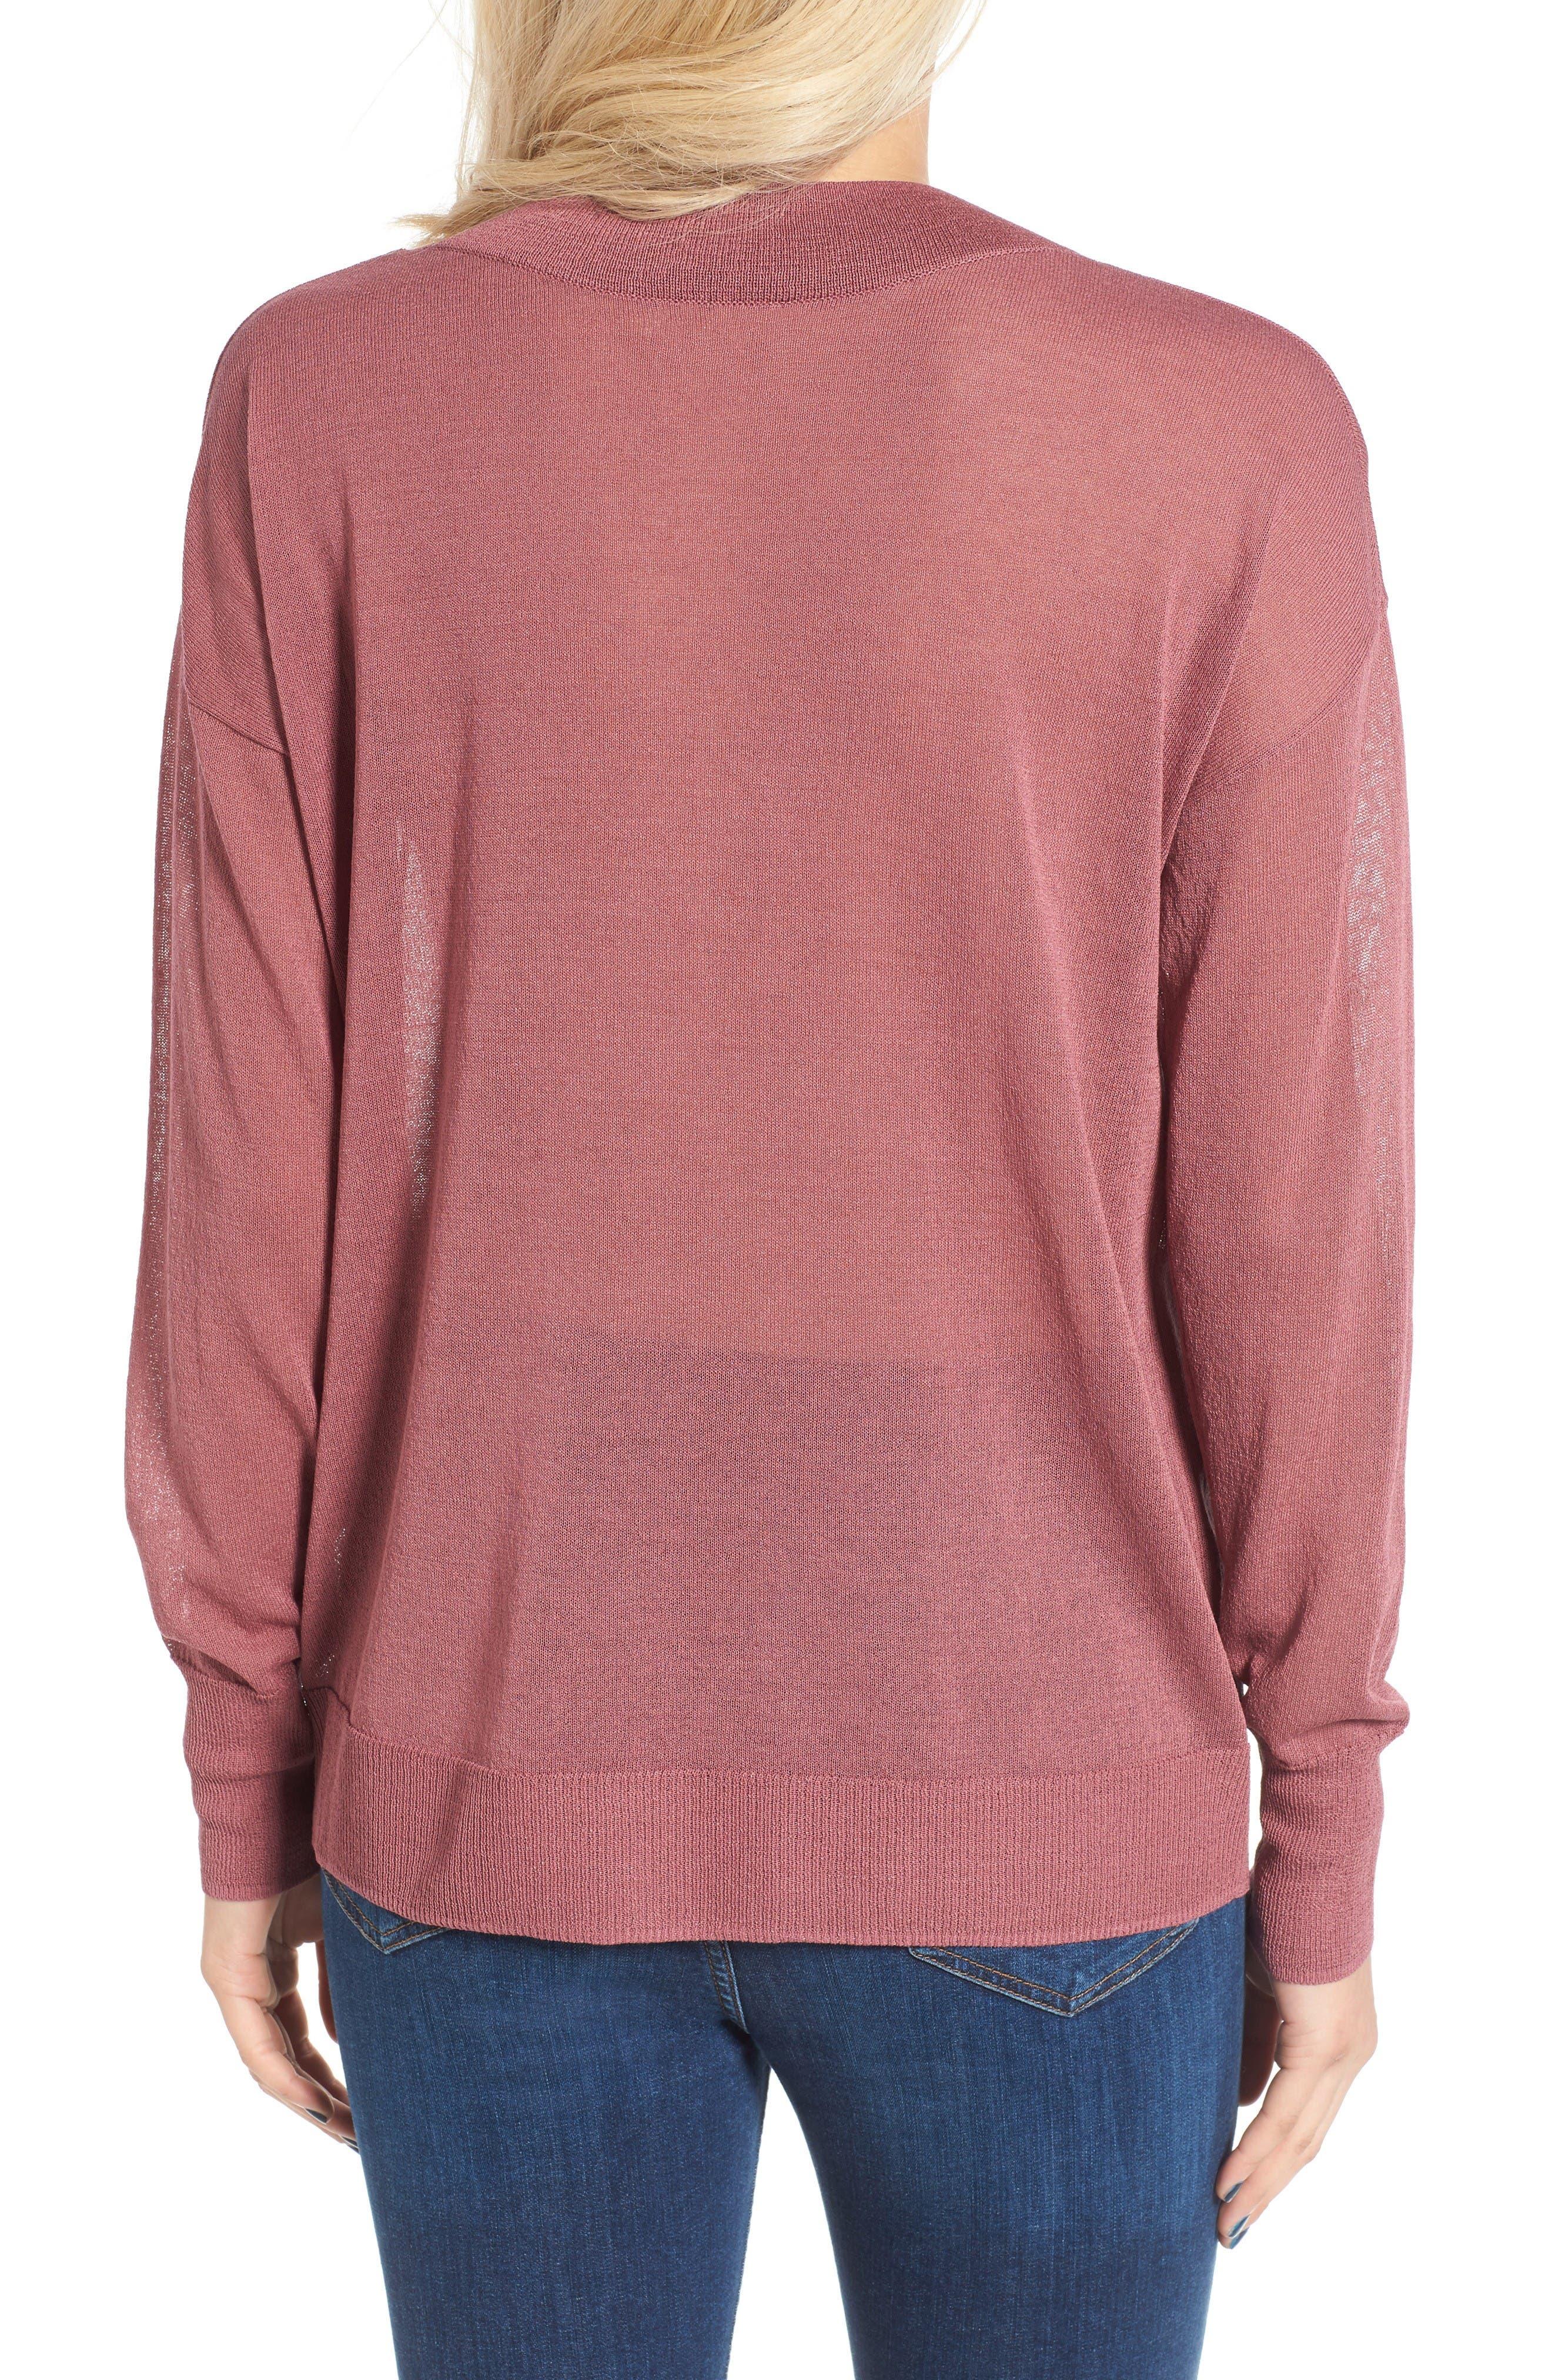 Alternate Image 2  - Leith Sheer V-Neck Sweater